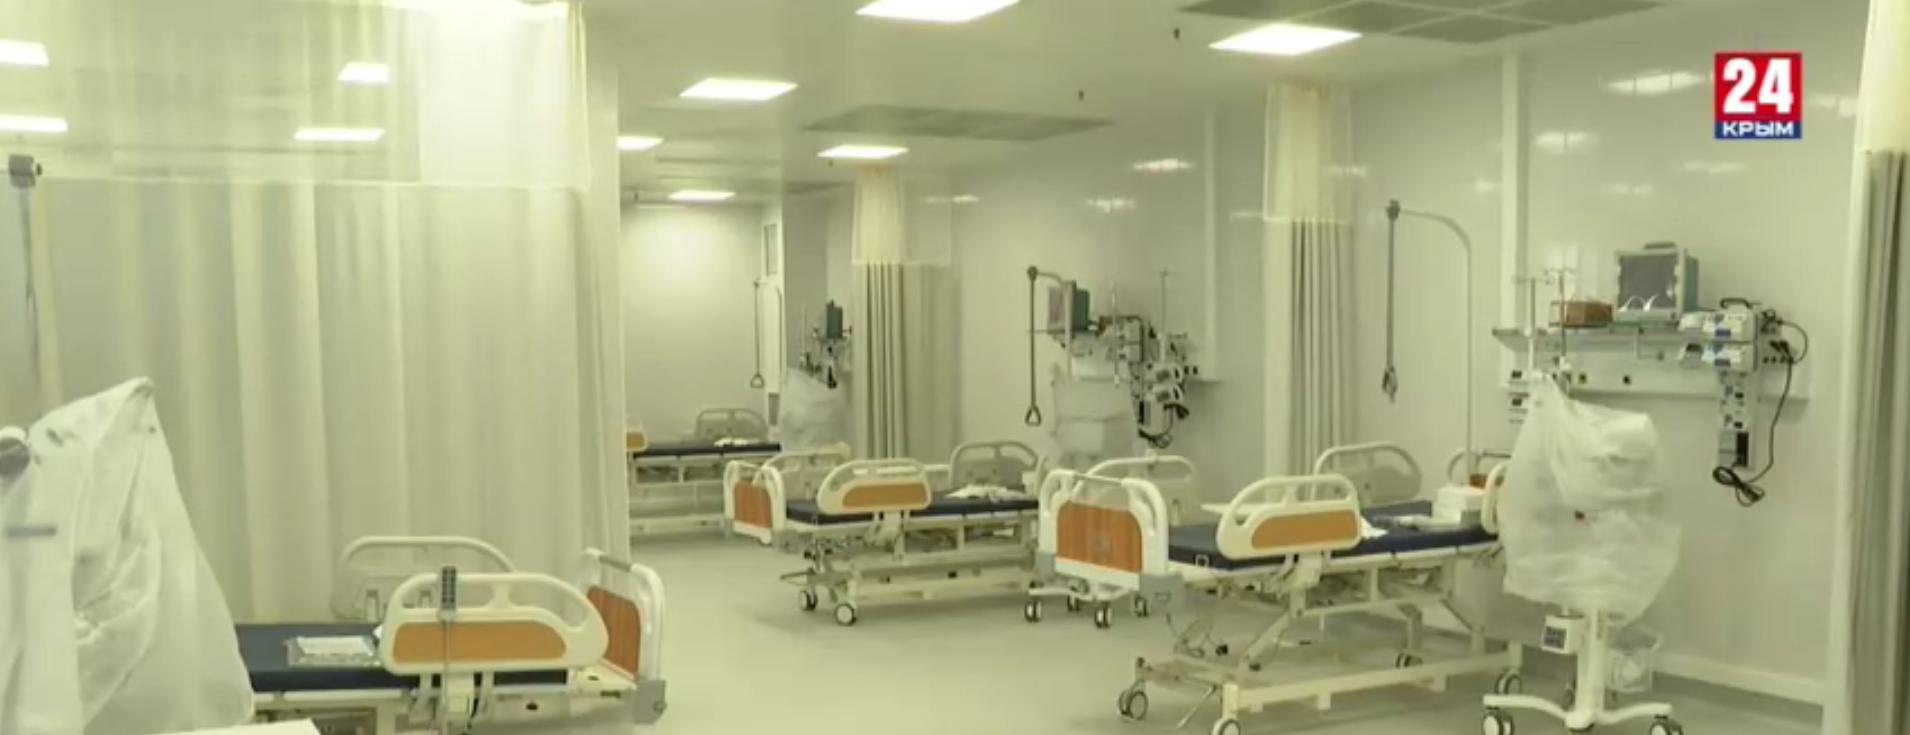 20 отделений республиканской больницы имени Семашко переезжают в новый медцентр